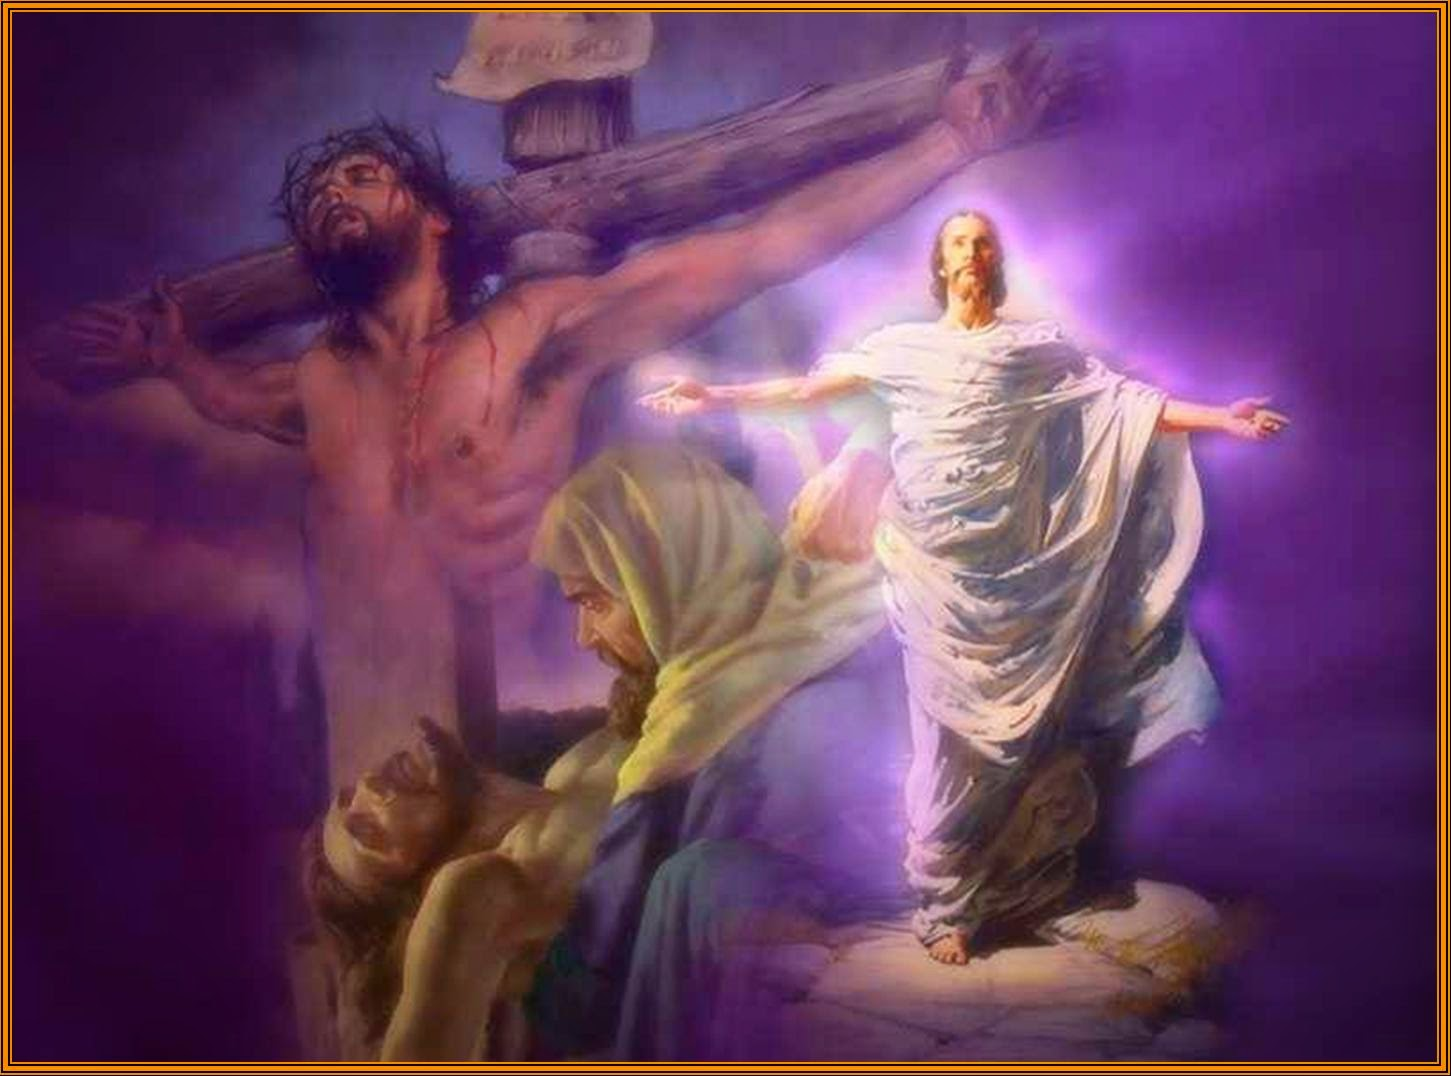 Mầu nhiệm Vượt qua của Chúa Giêsu có tầm quan trọng nào?